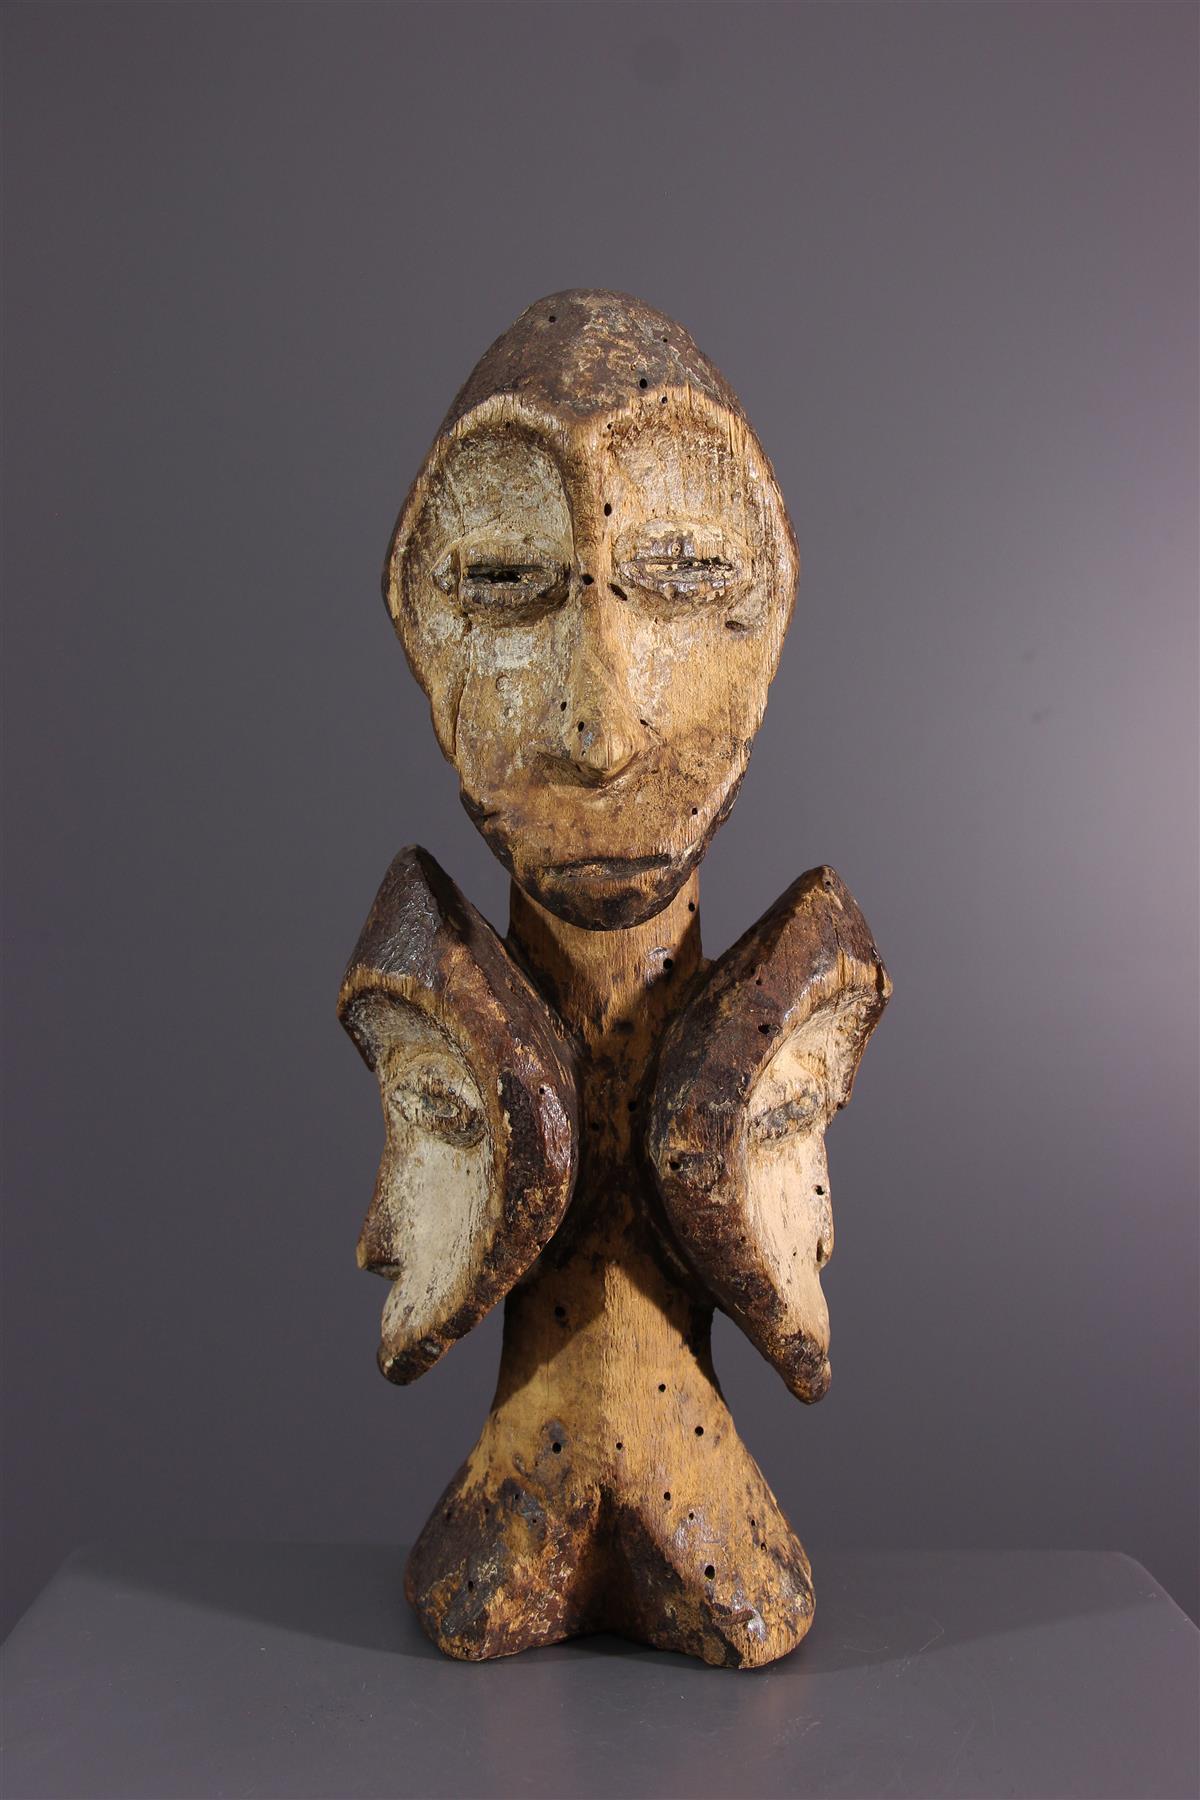 Lega figure - Tribal art